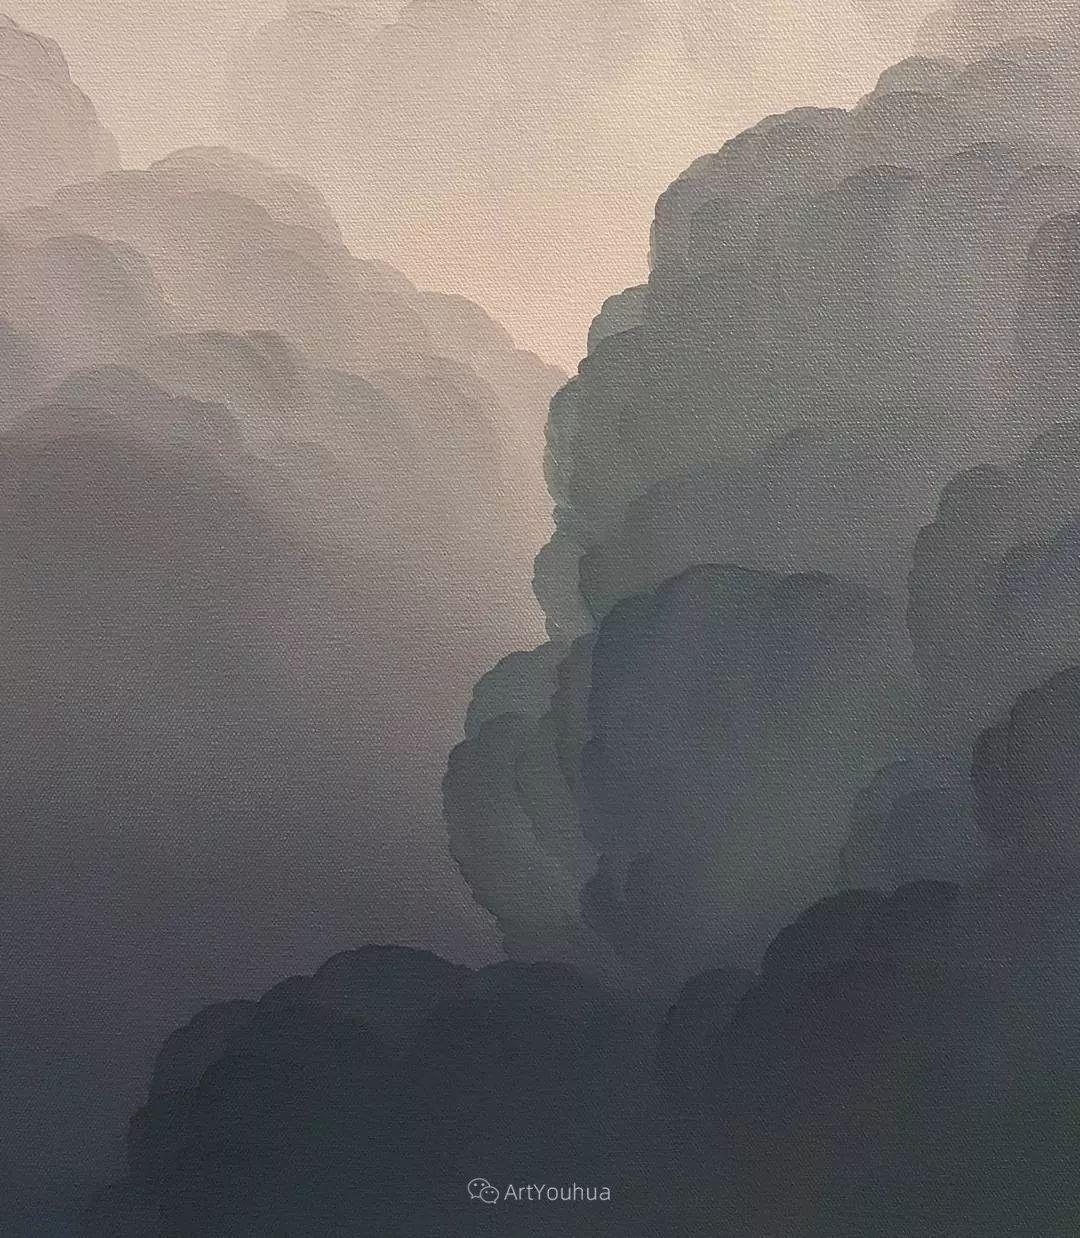 天空,是充满神秘的灵感,十年执着于画一朵云——伊恩·费舍尔插图24